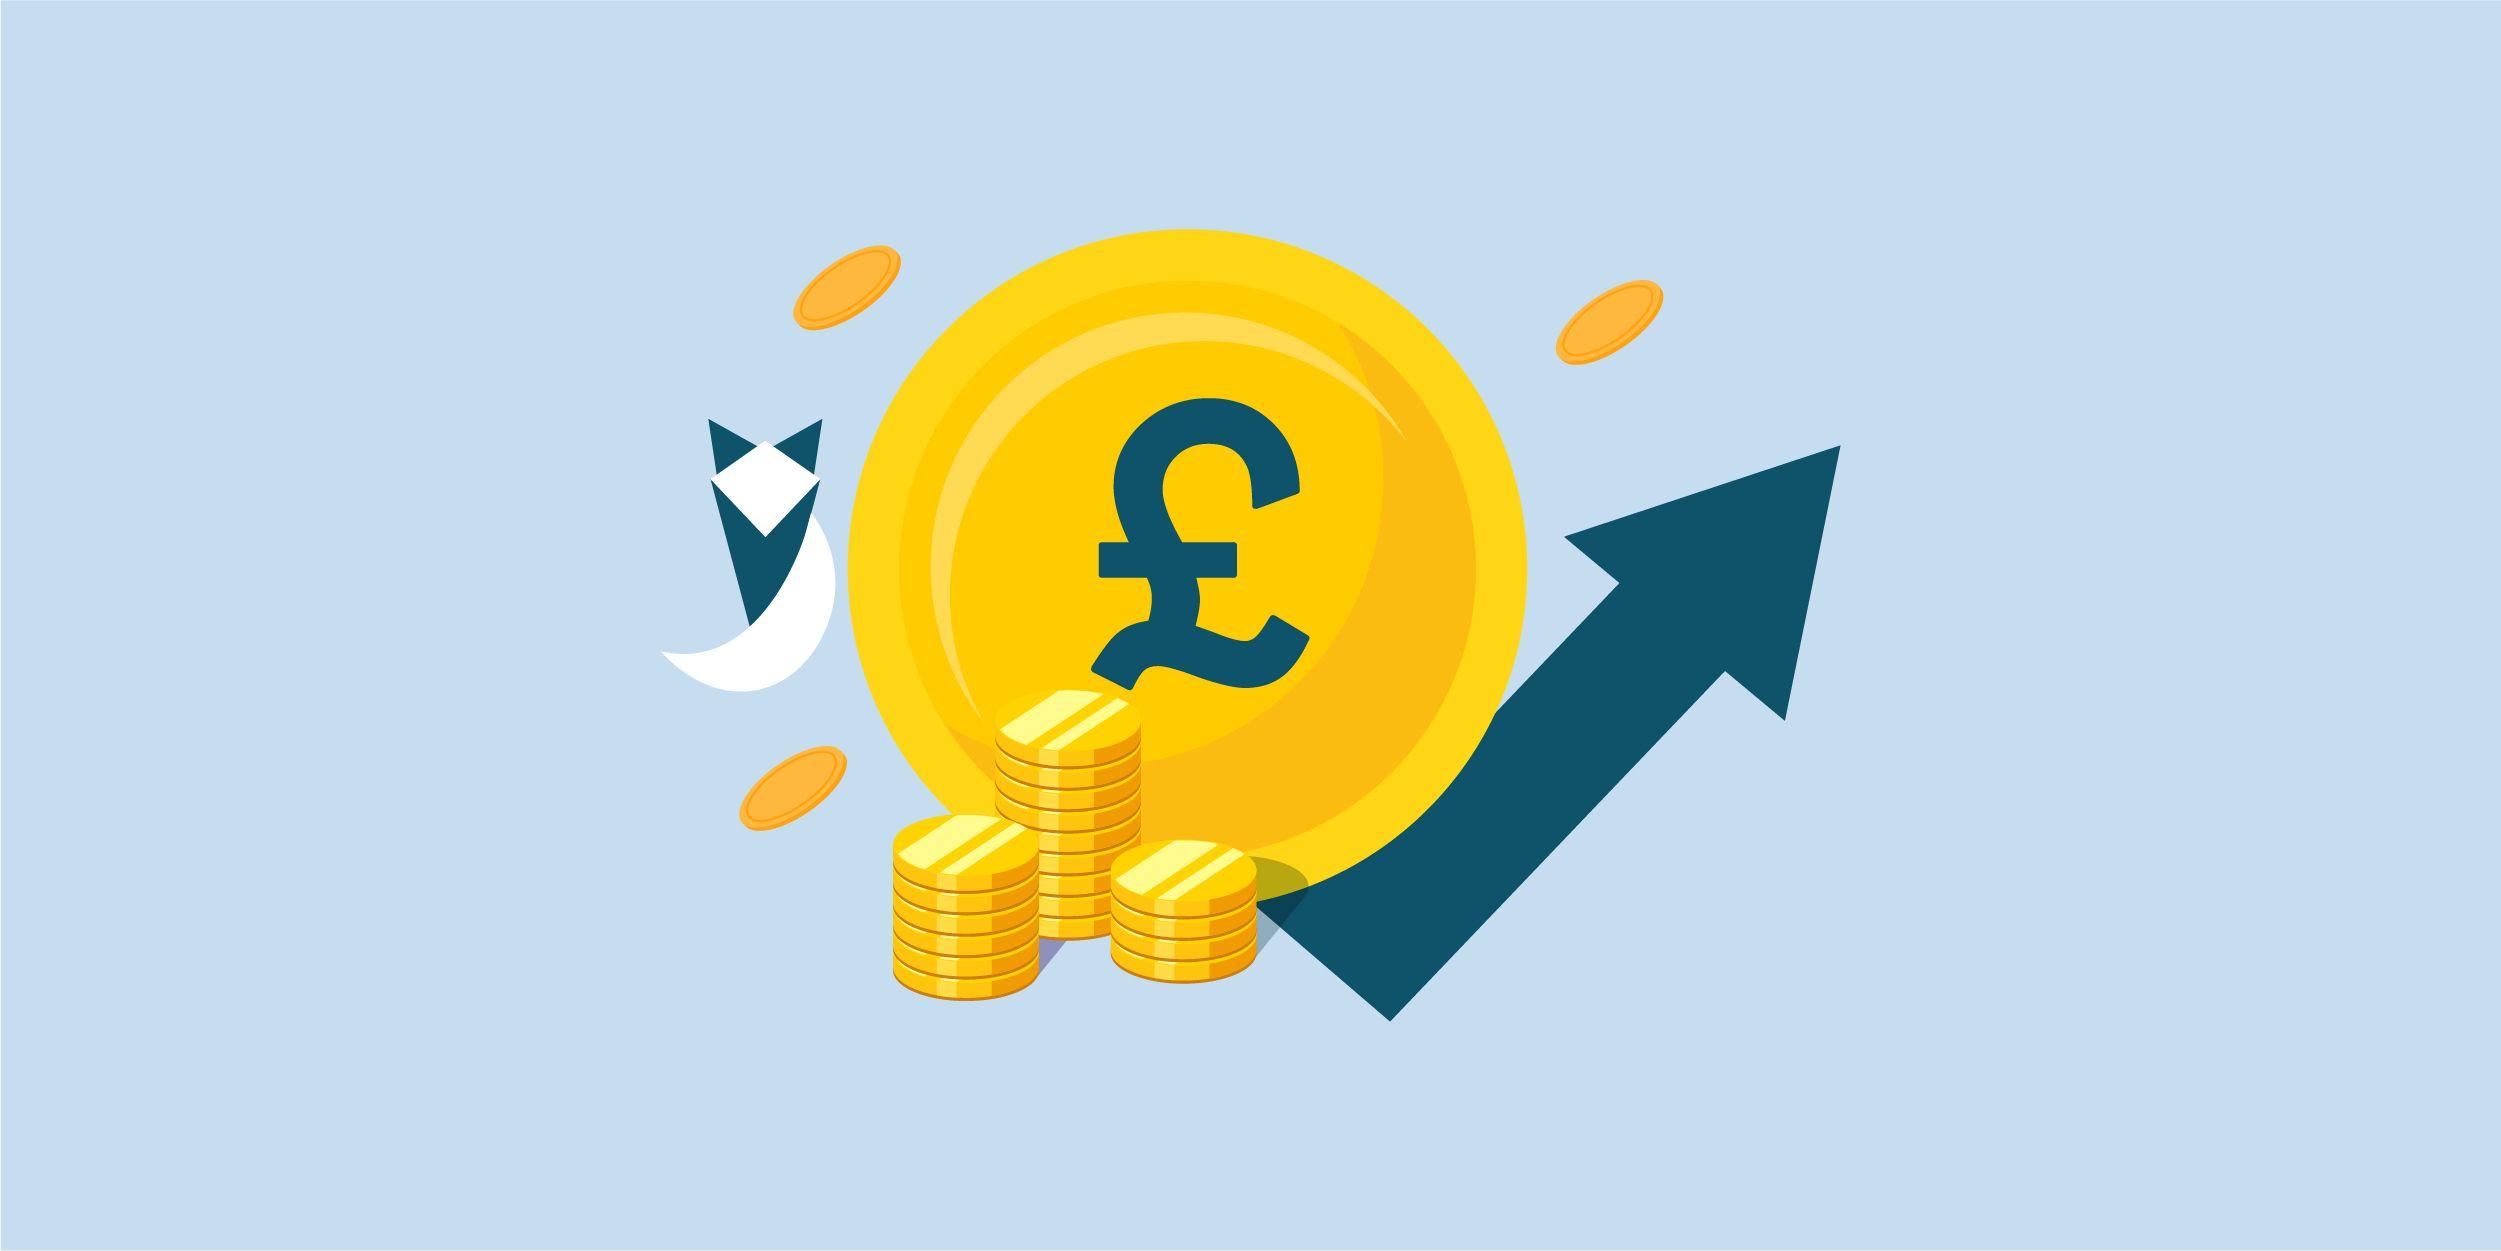 سعر الجنيه الاسترليني في البنوك المصرية اليوم 9 سبتمبر 2021